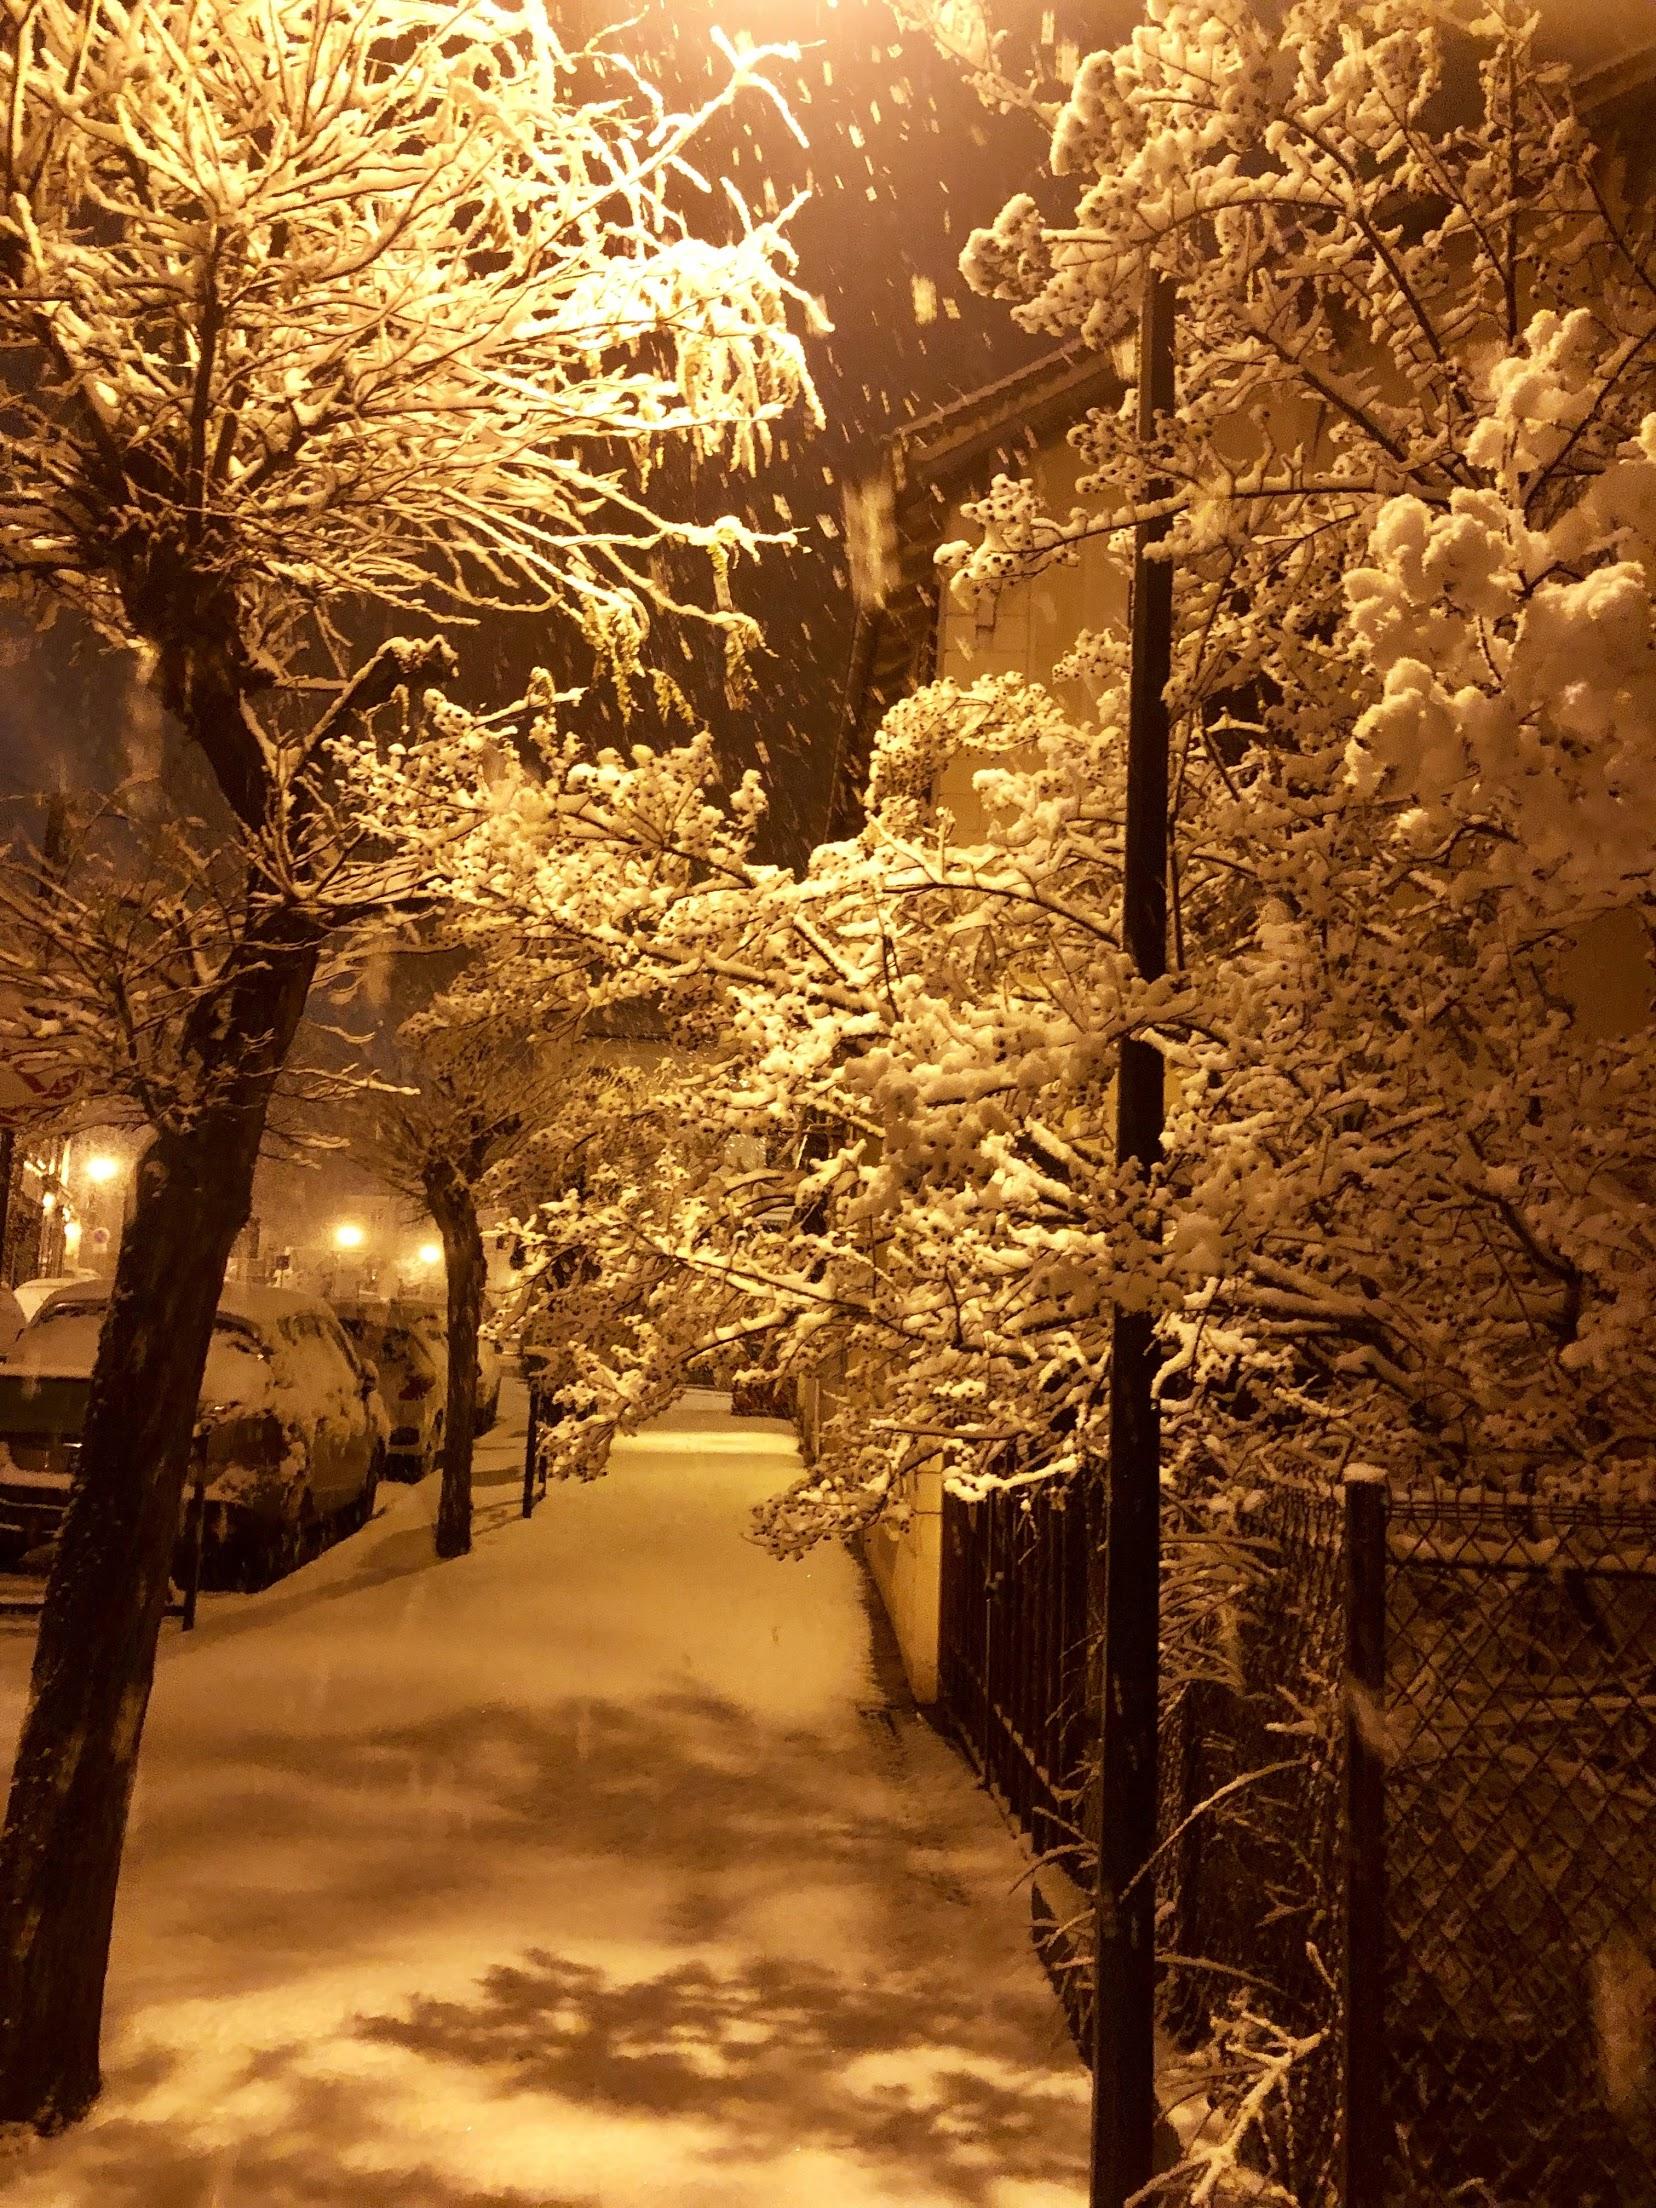 понравилось красивые фото ночной зимы хочу